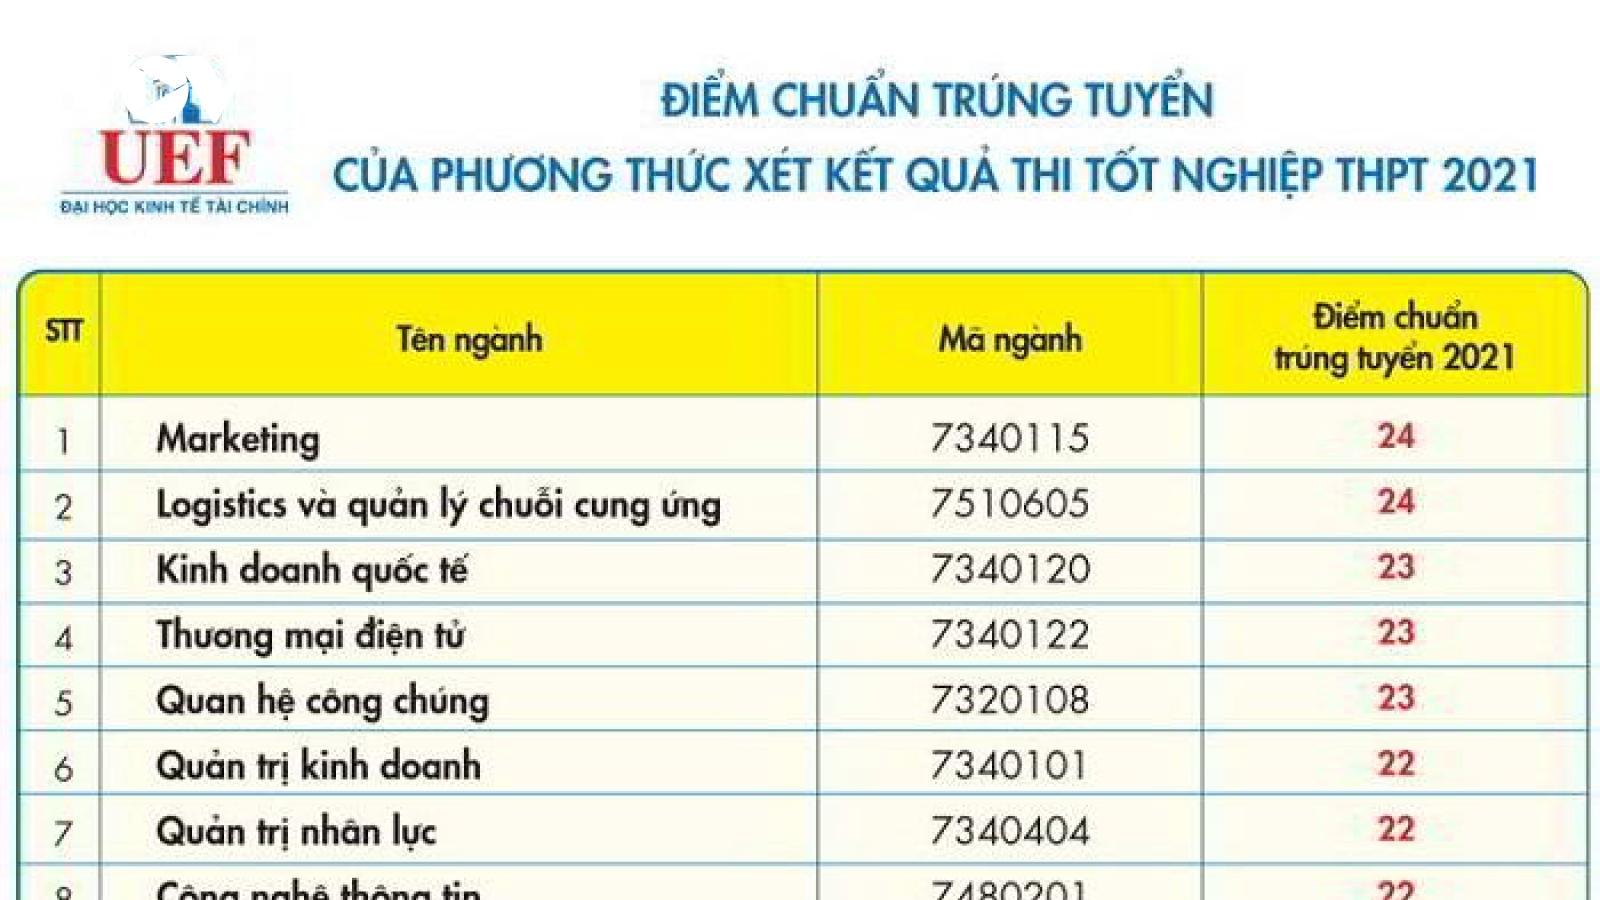 Điểm chuẩn ĐH Kinh tế - Tài chính TP.HCM cao nhất ngành Marketing 24 điểm